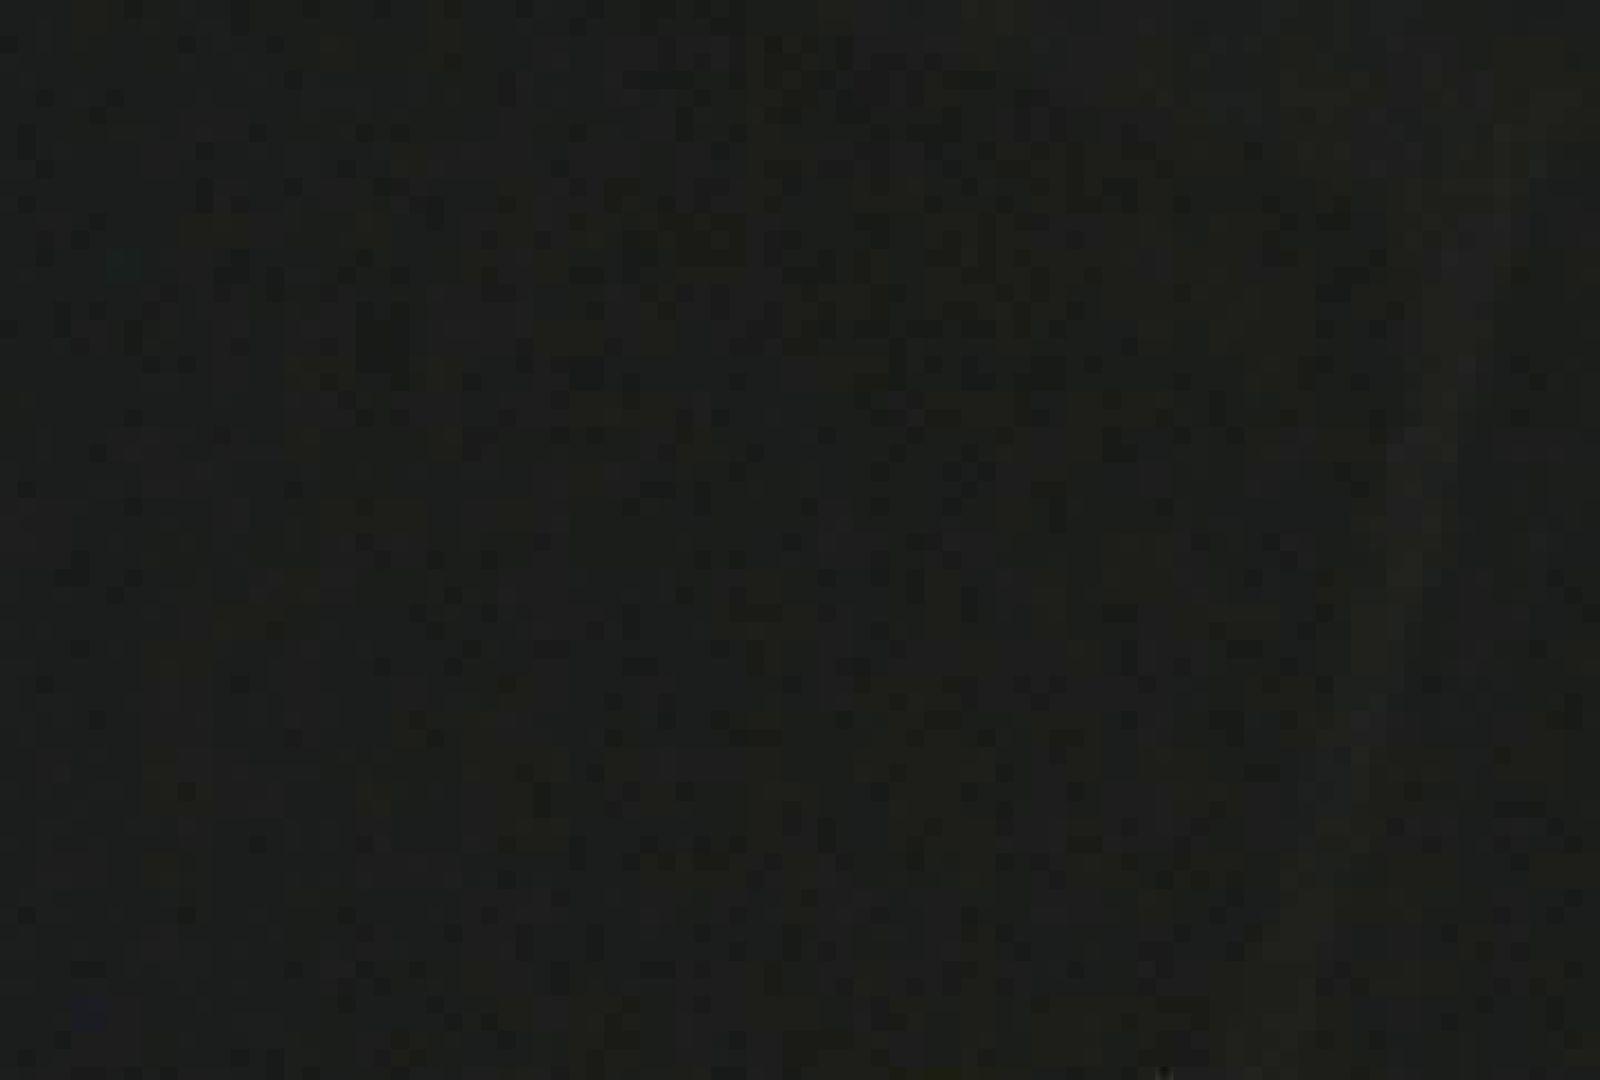 充血監督の深夜の運動会Vol.72 ギャルのエロ動画  64画像 57